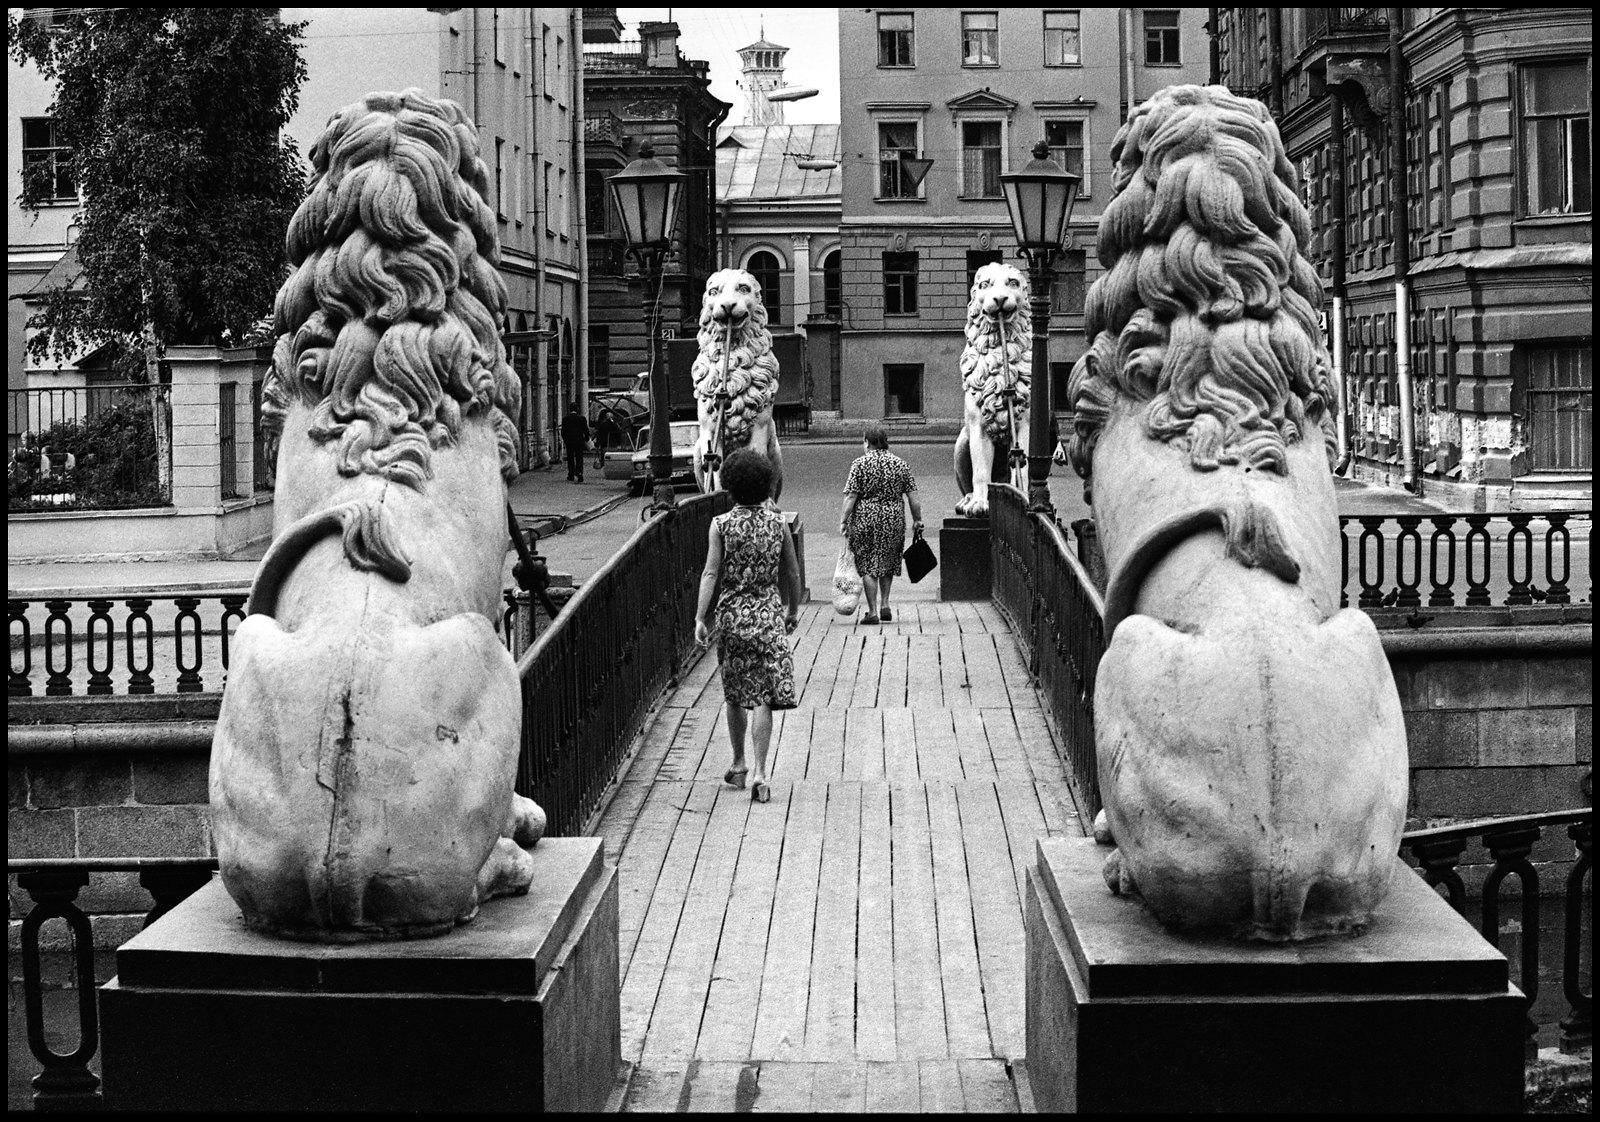 1972. Банковский мостик. Львы и тети. Вид сзади